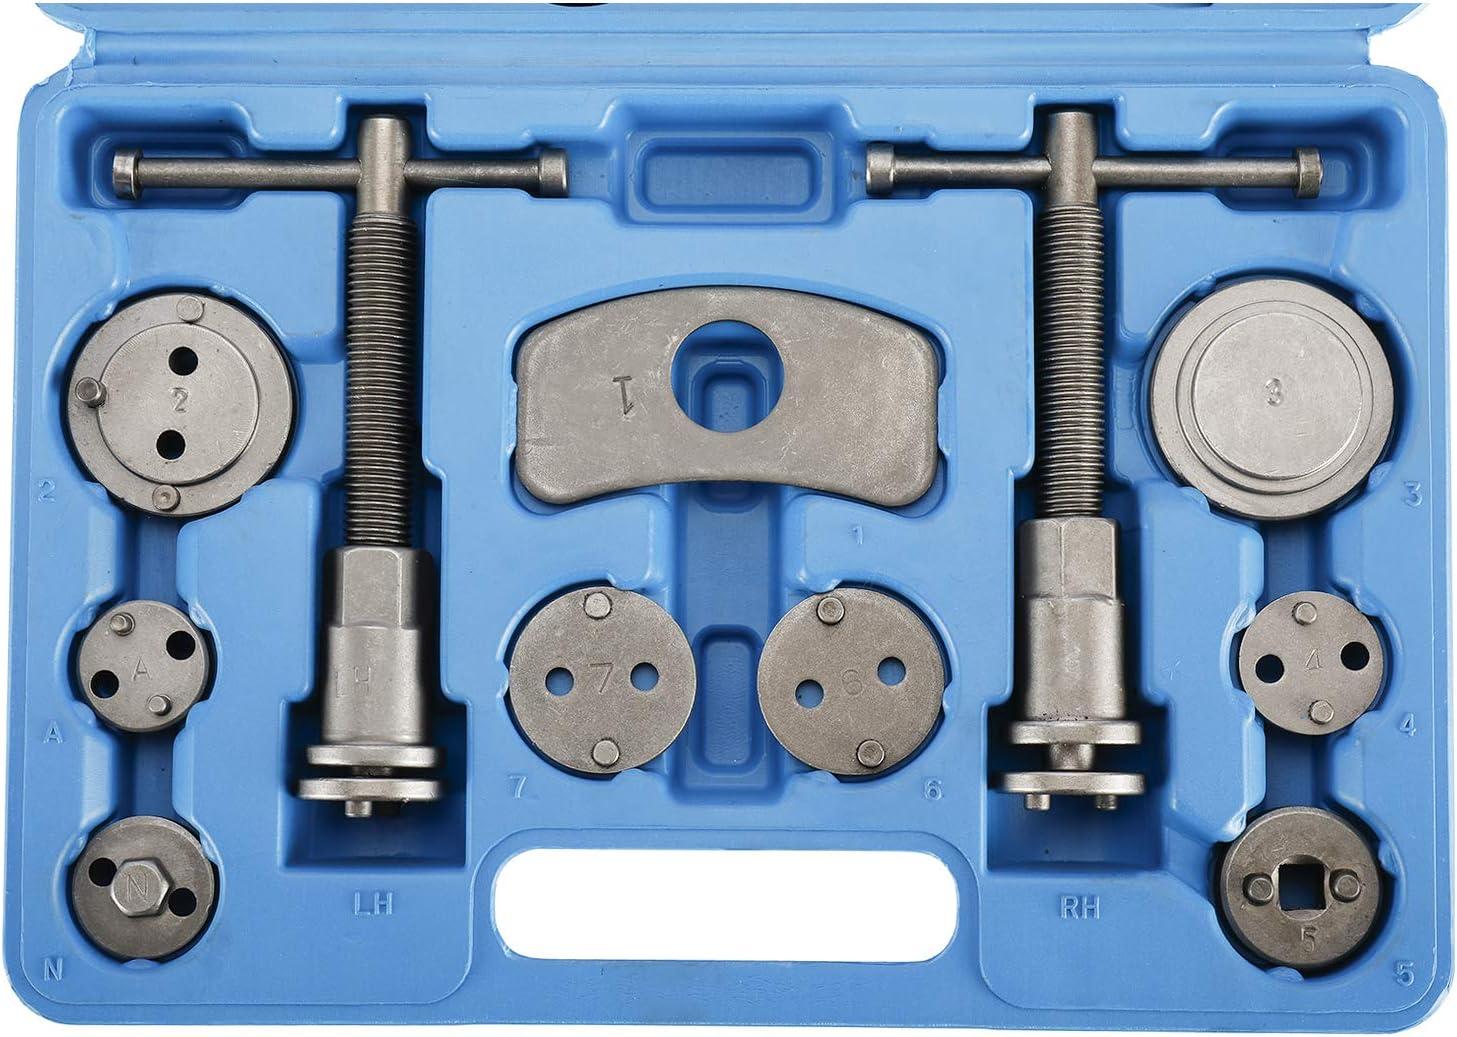 herramientas de reparaci/ón de frenos FreeTec Juego de 22 piezas universal de reposicionador de pistones de freno pinza de freno pist/ón viento con gancho y guante